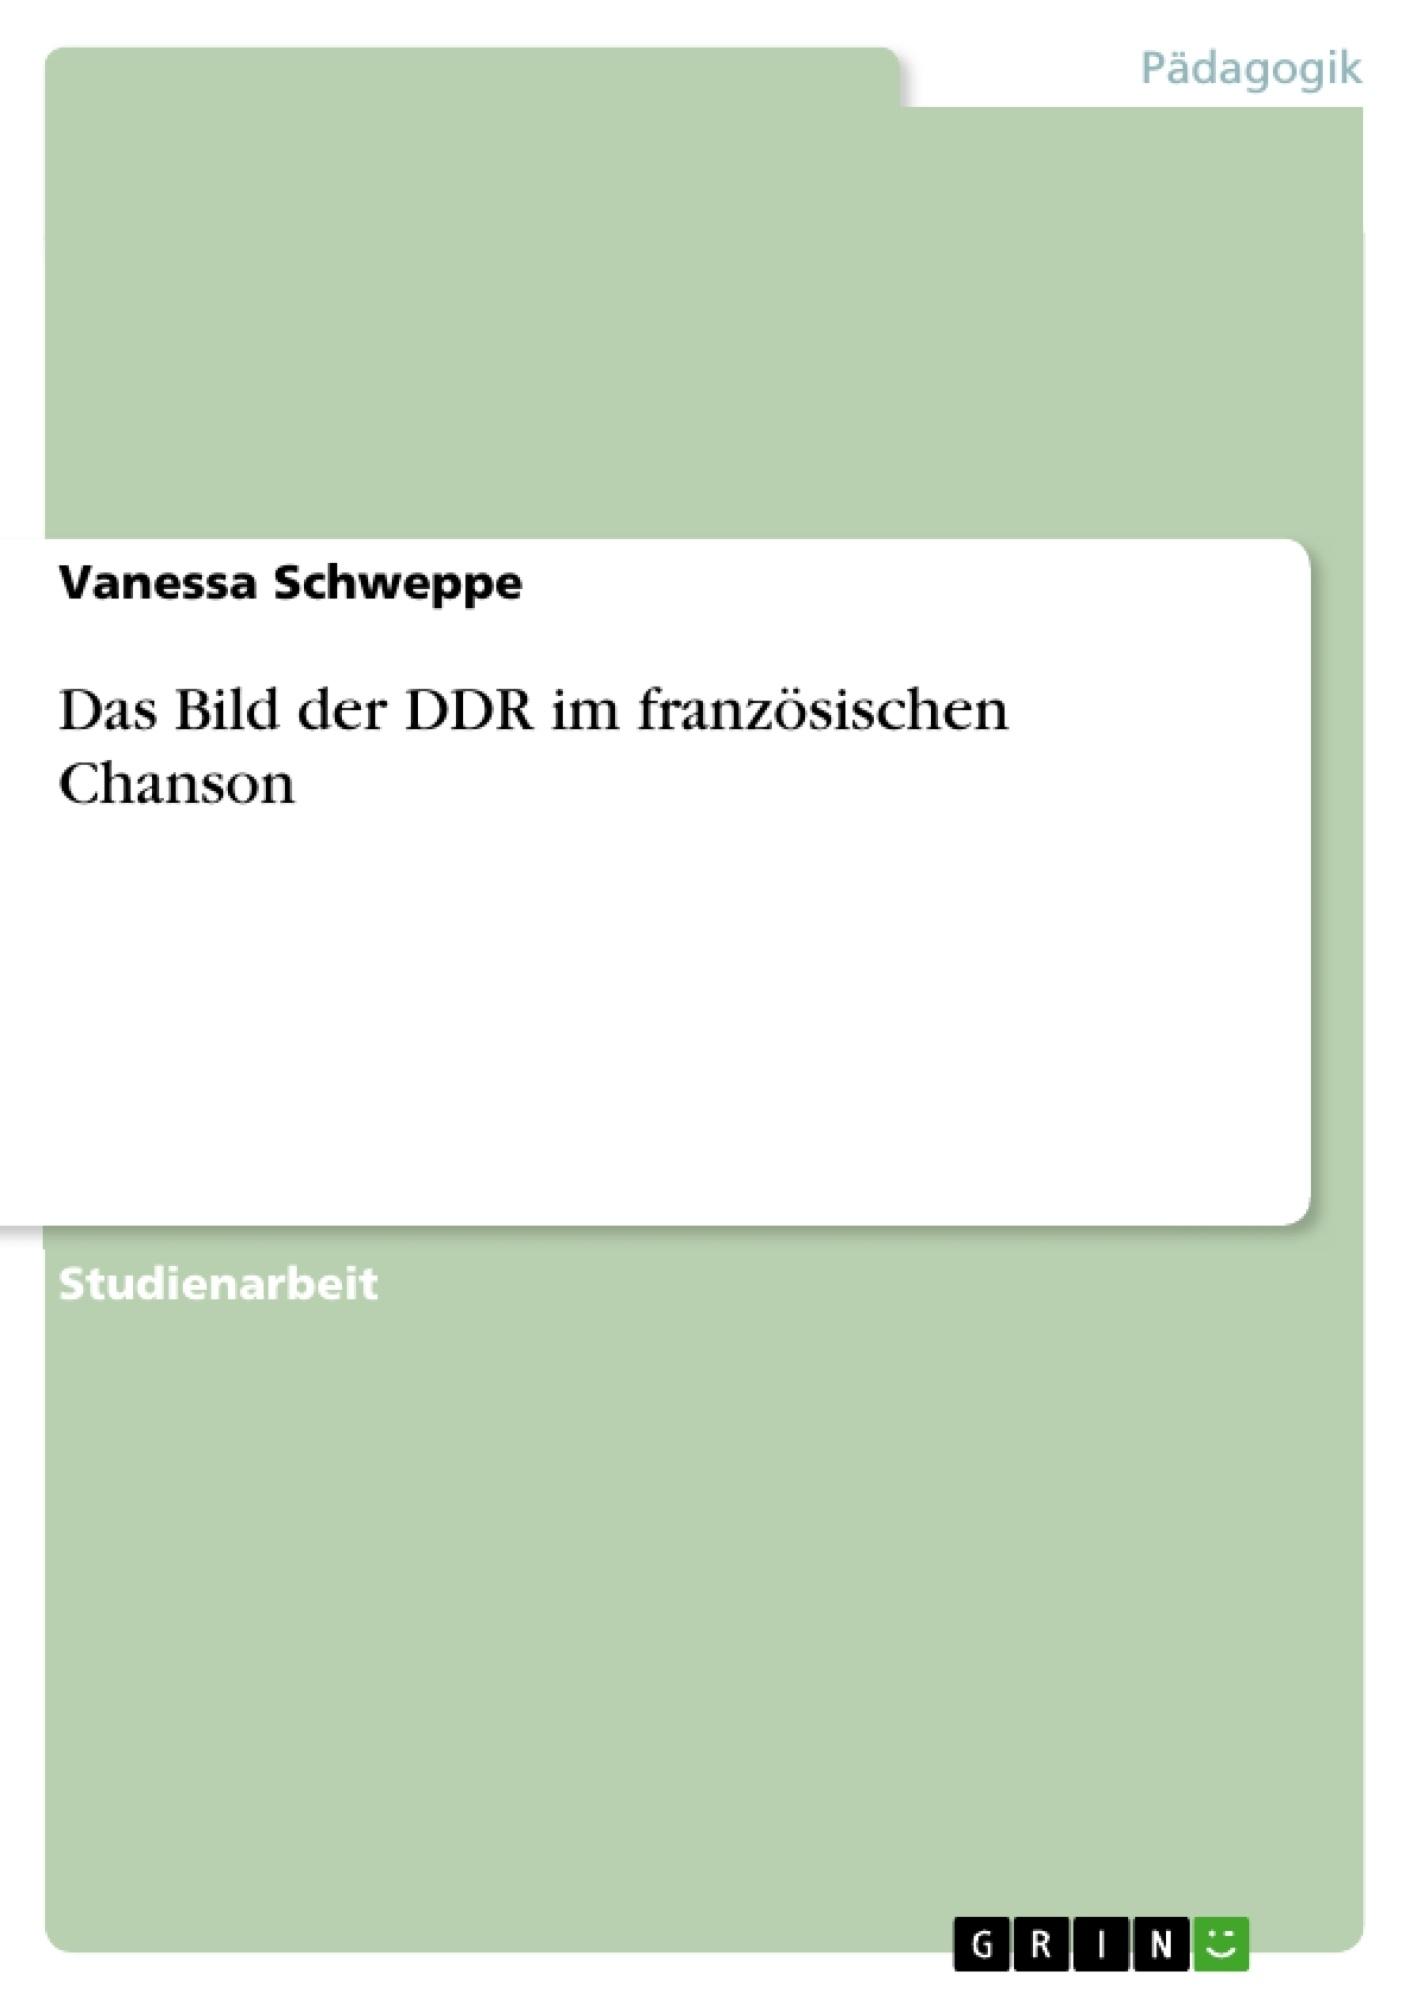 Titel: Das Bild der DDR im französischen Chanson